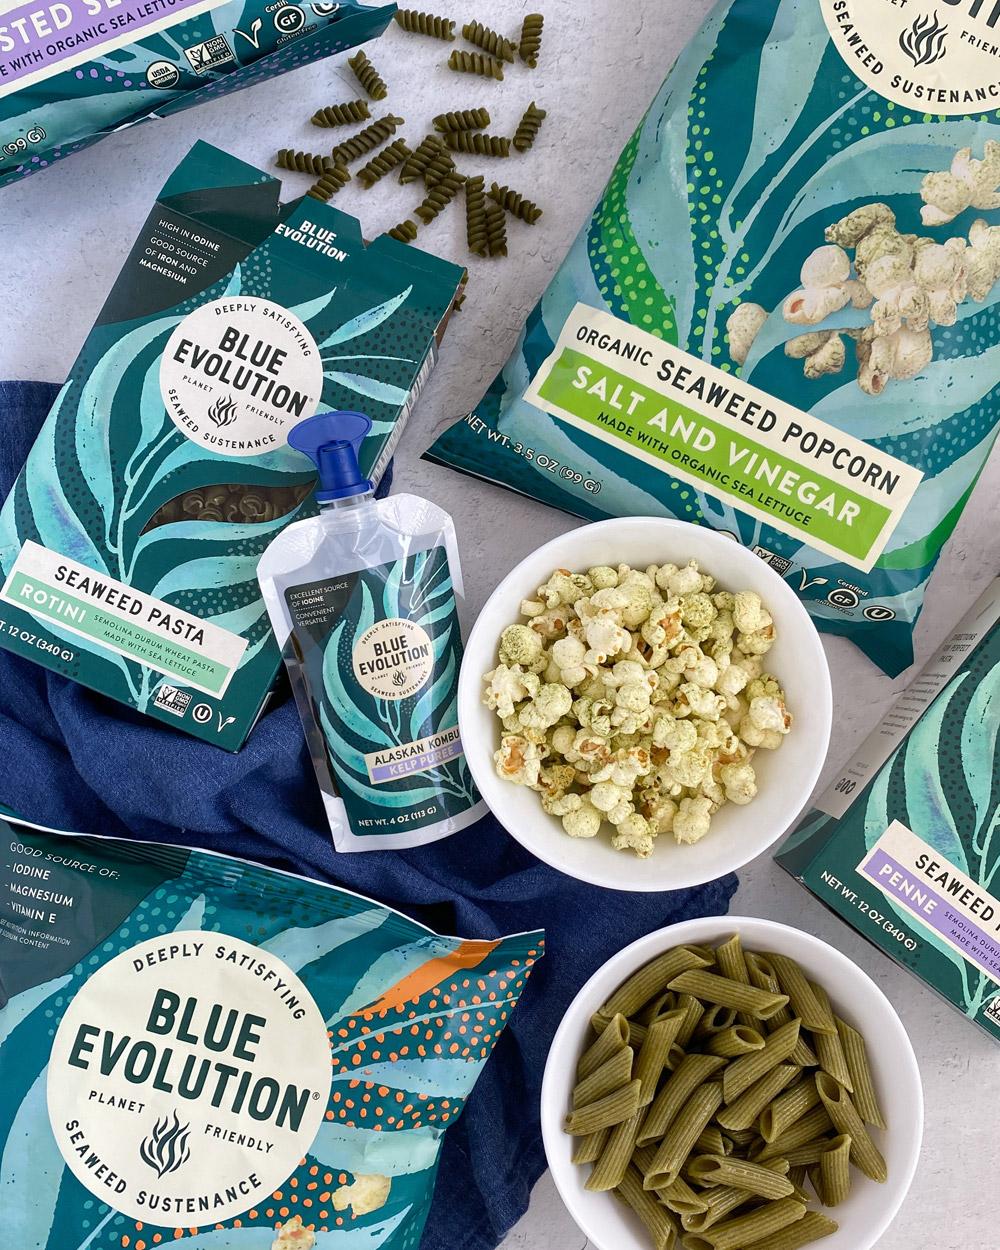 Blue Evolution Seaweed Infused Pasta, Popcorn, Kelp Puree